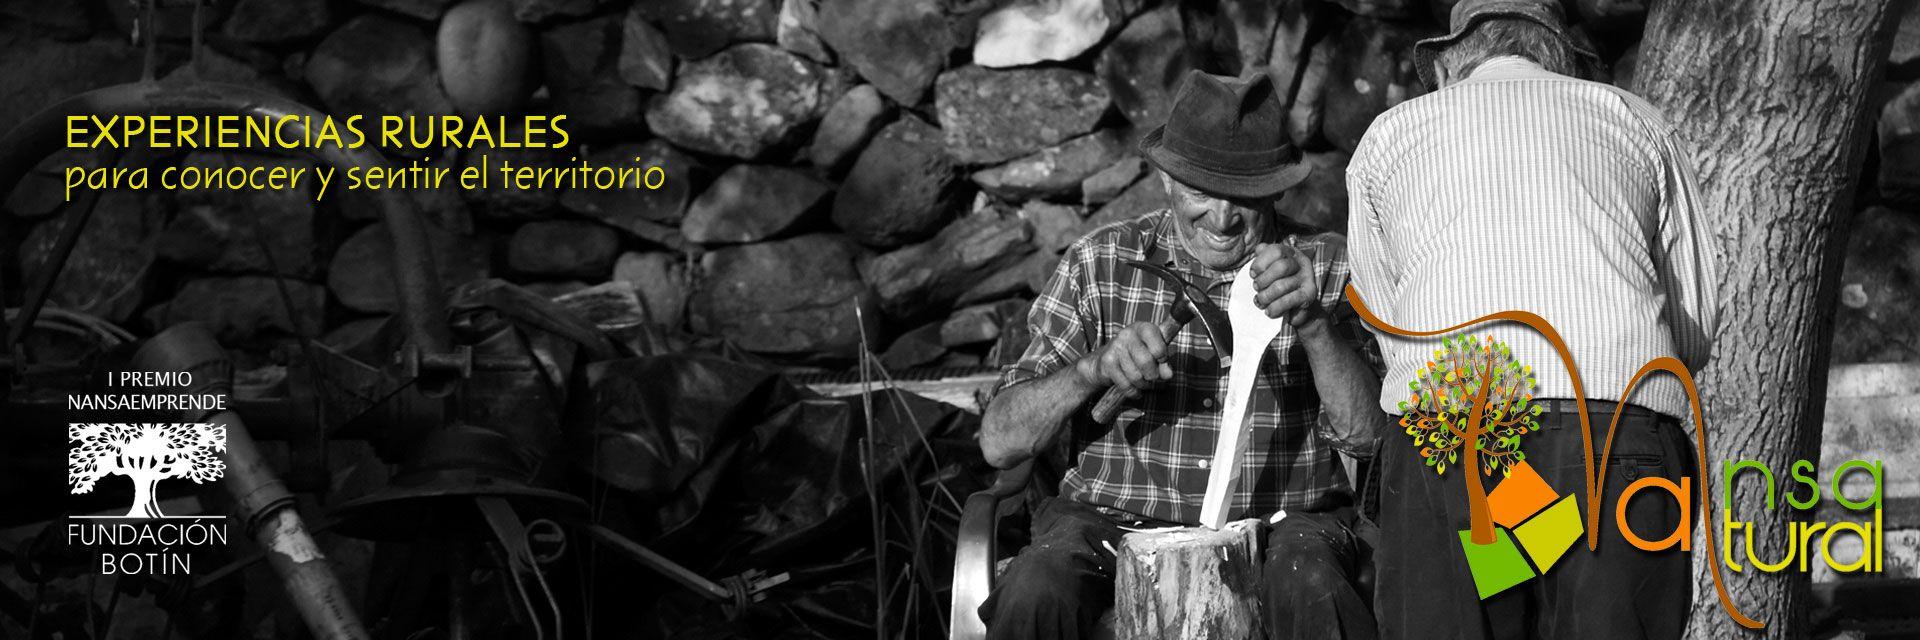 Escapadas todo el año. Fin de semana rural en el Nansa